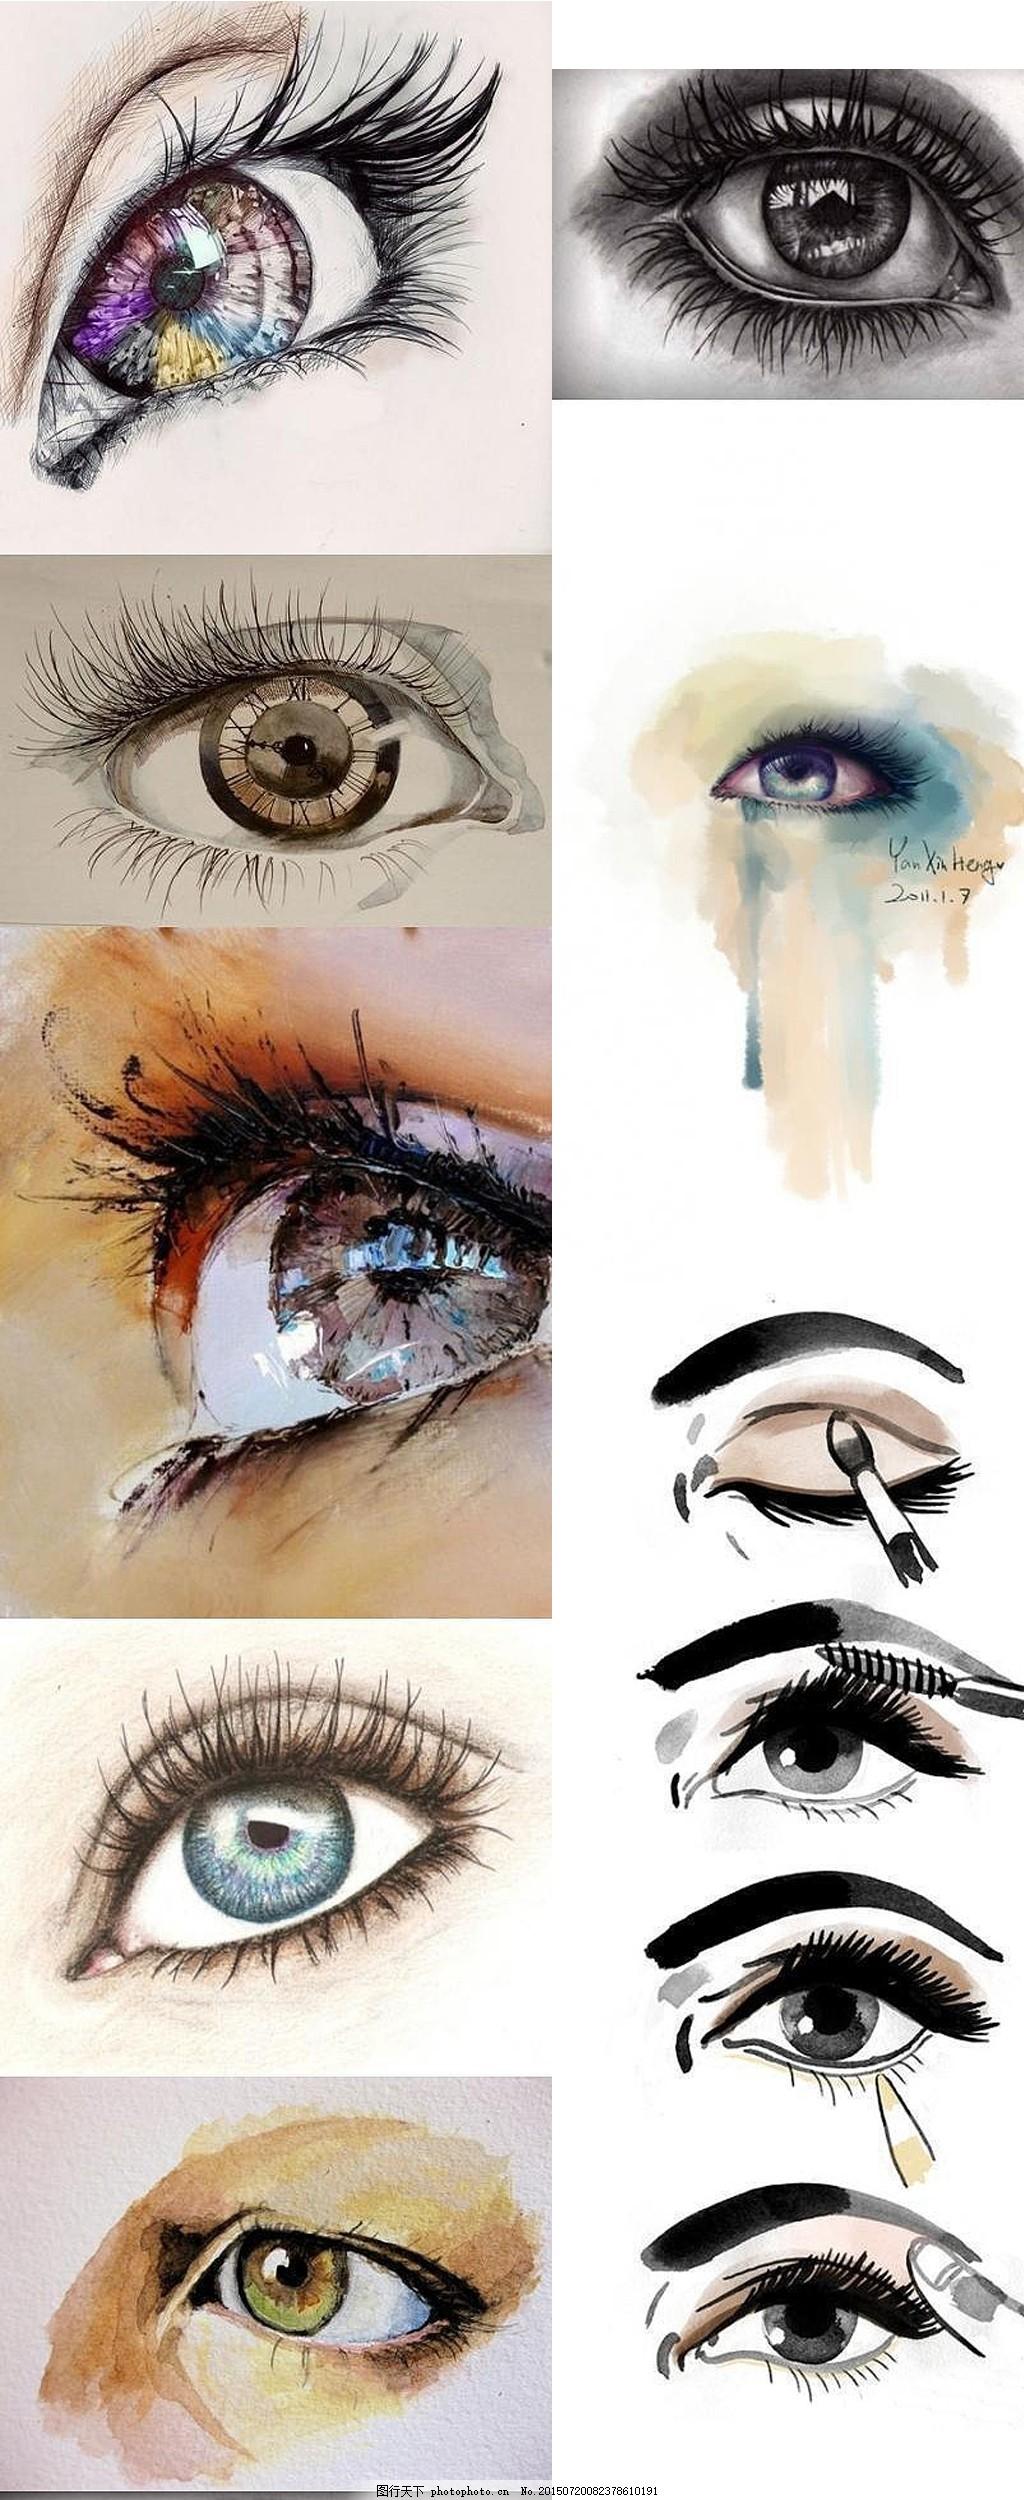 插画手绘素描眼睛 插画 手绘 素描 眼睛 五官 美女手绘 水粉 水彩